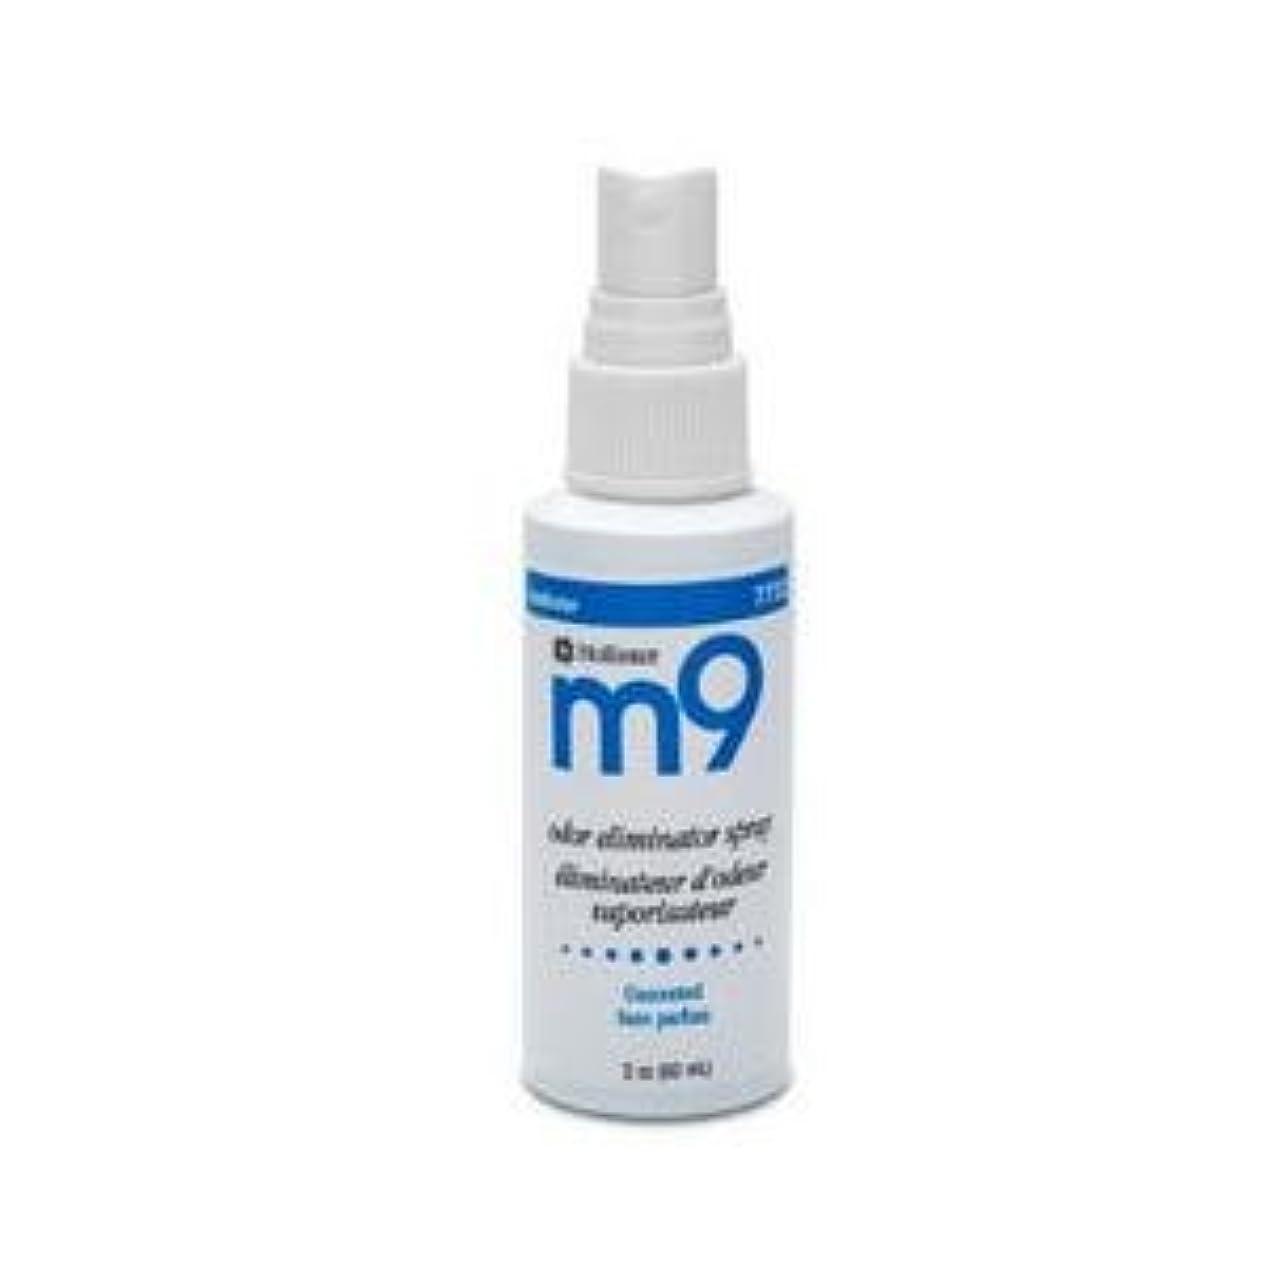 さわやかフィクションブランドM 9臭気エリミネータースプレー、無香料2オンス(2パック)